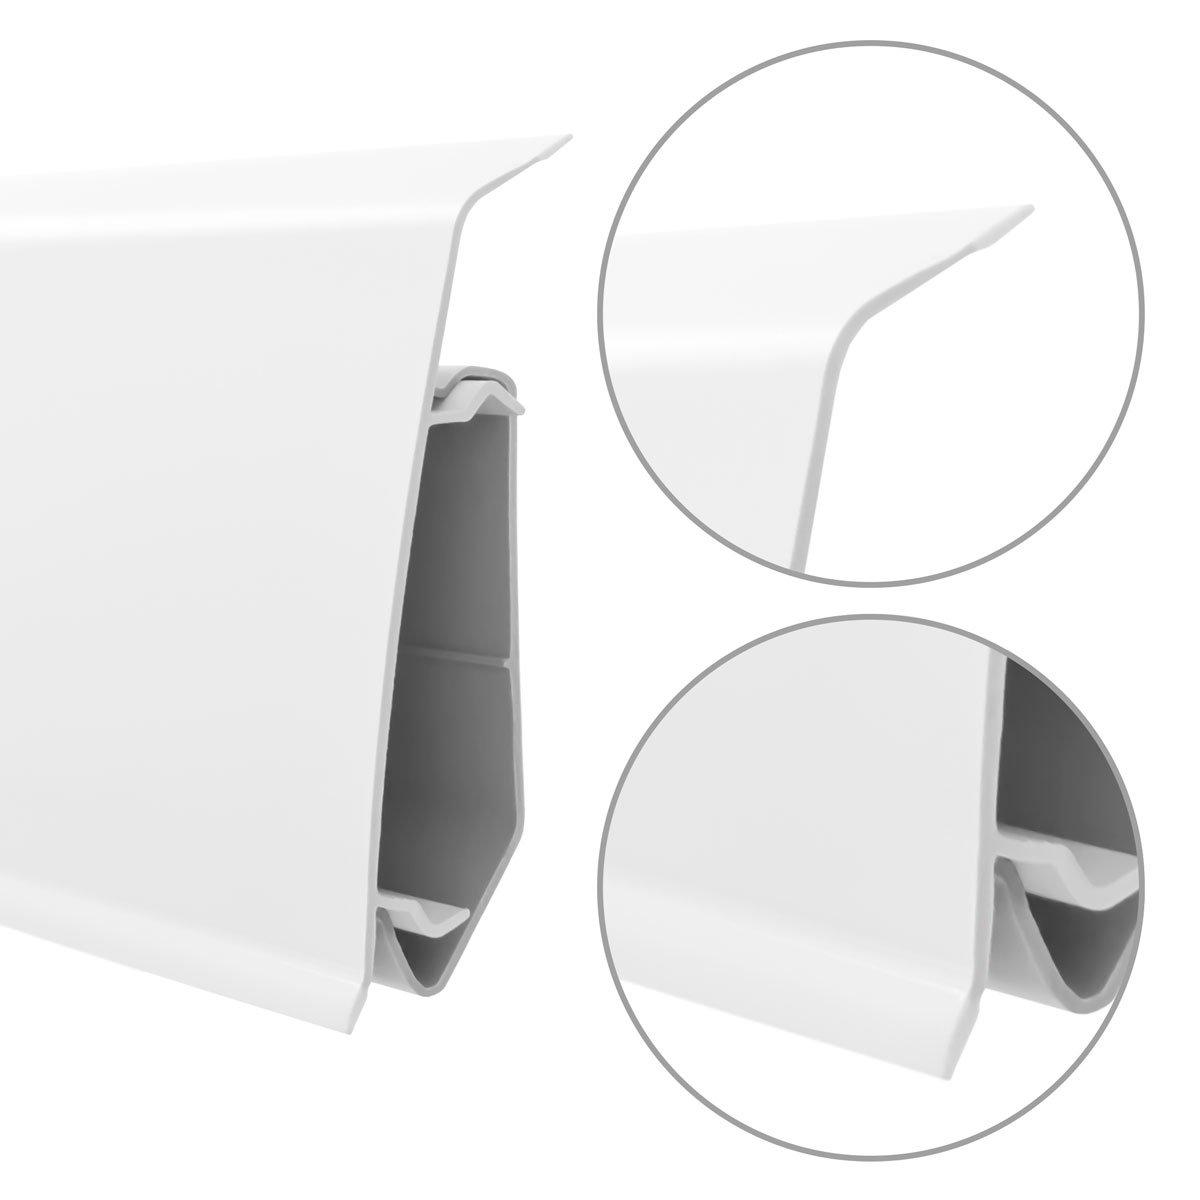 HOLZBRINK 200cm Sockelleiste Fussleiste 70mm x 20,7mm aus Kunststoff VEO 011 CHILLOUT EICHE